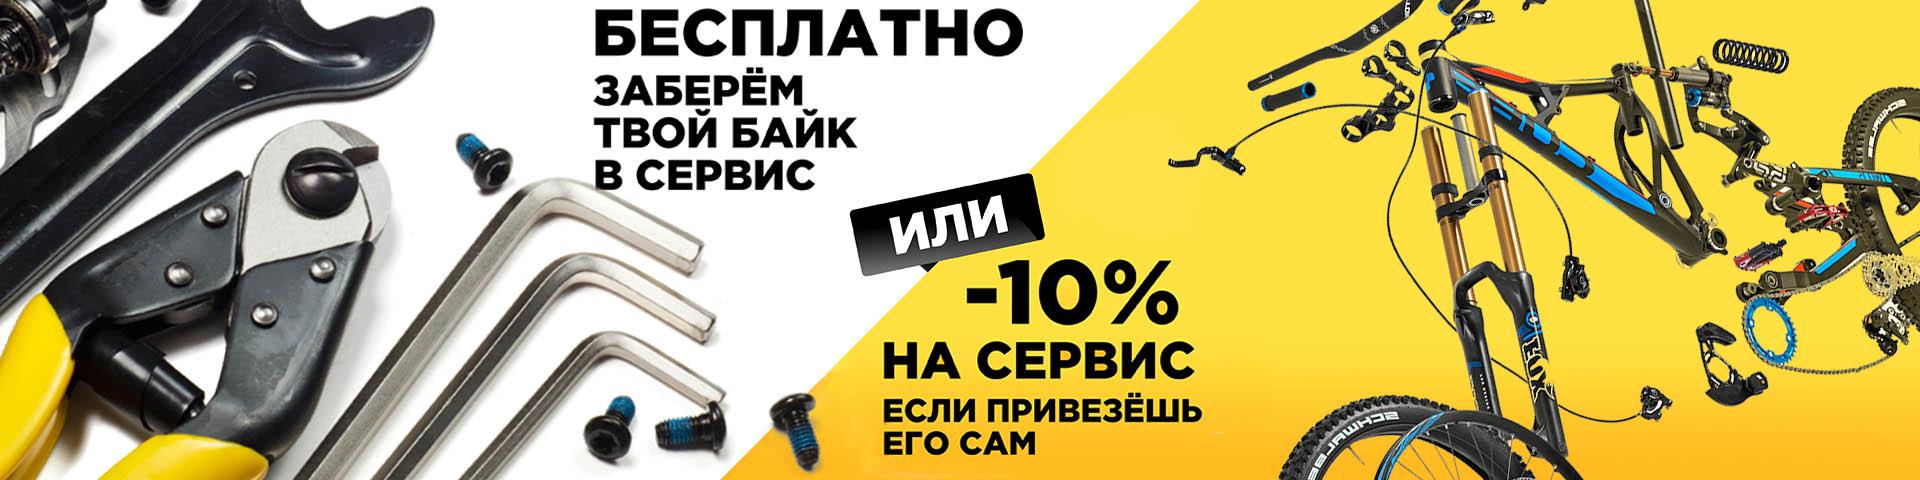 Велосервис, техническое обслуживание велосипедов, ТО